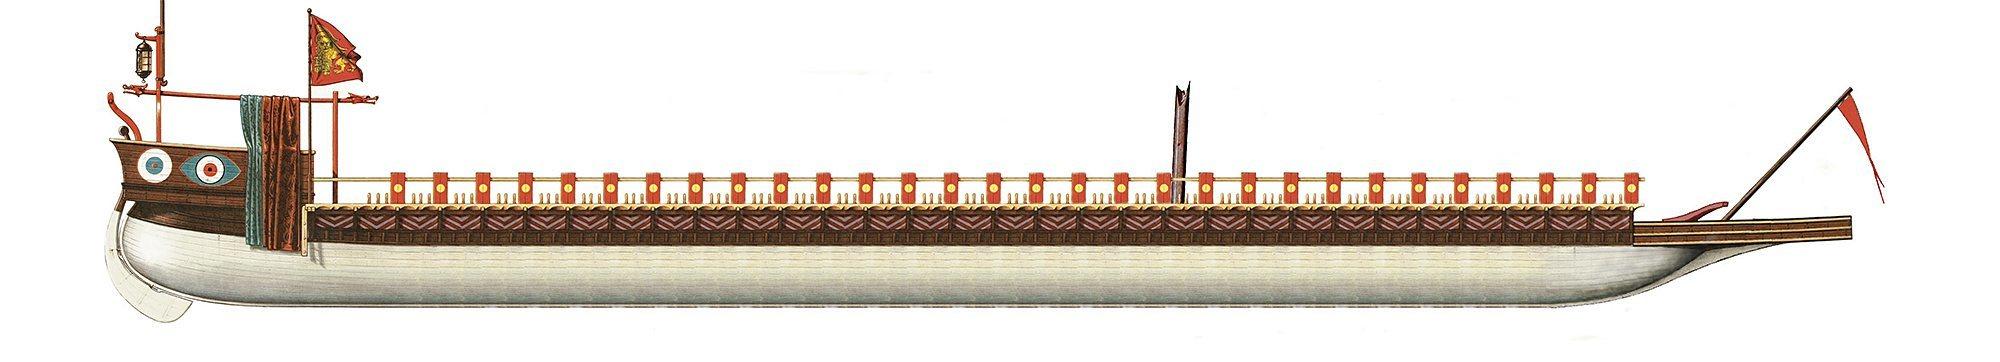 2-Η-άλωση-της-Χαλκίδας-από-τον-Μωάμεθ-Β-στα-1470-Ενετική-γαλέρα-του-15ου-αιώνα